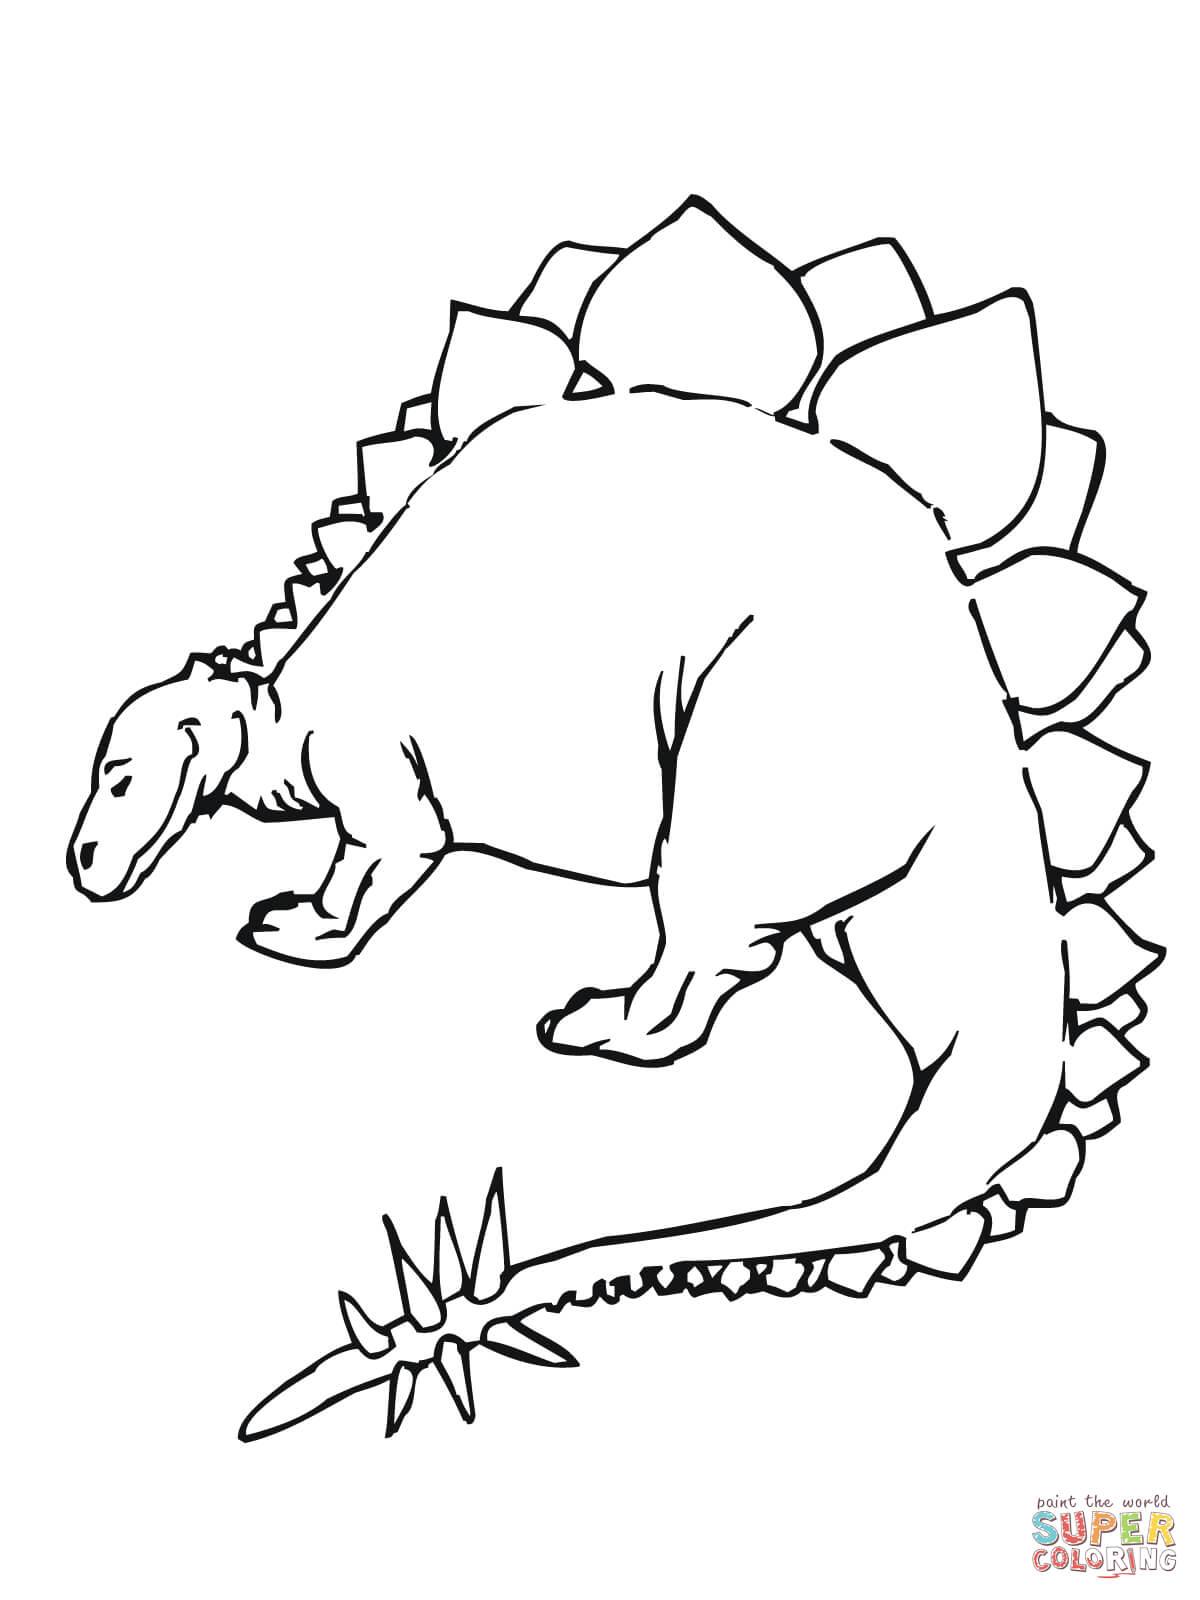 Stegosaurus coloring #11, Download drawings